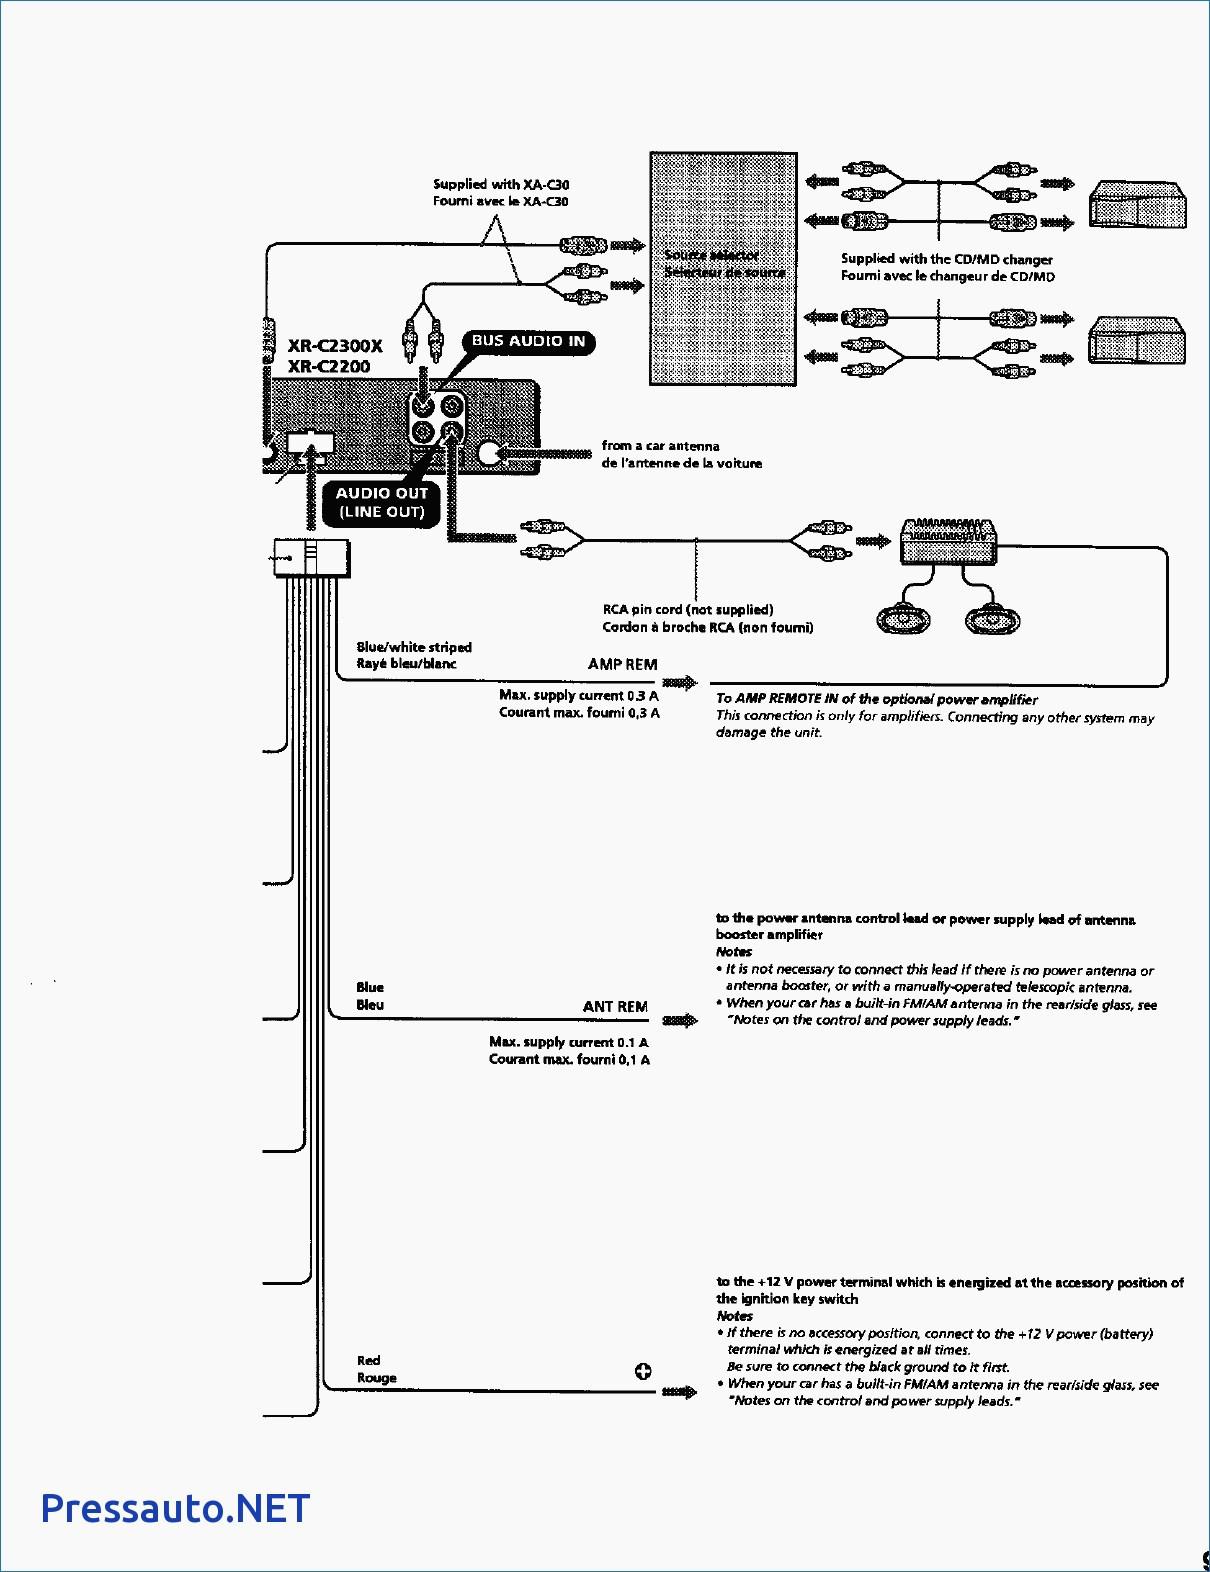 Sony 52Wx4 Wire Diagram | Wiring Diagram - Sony Xplod 52Wx4 Wiring Diagram